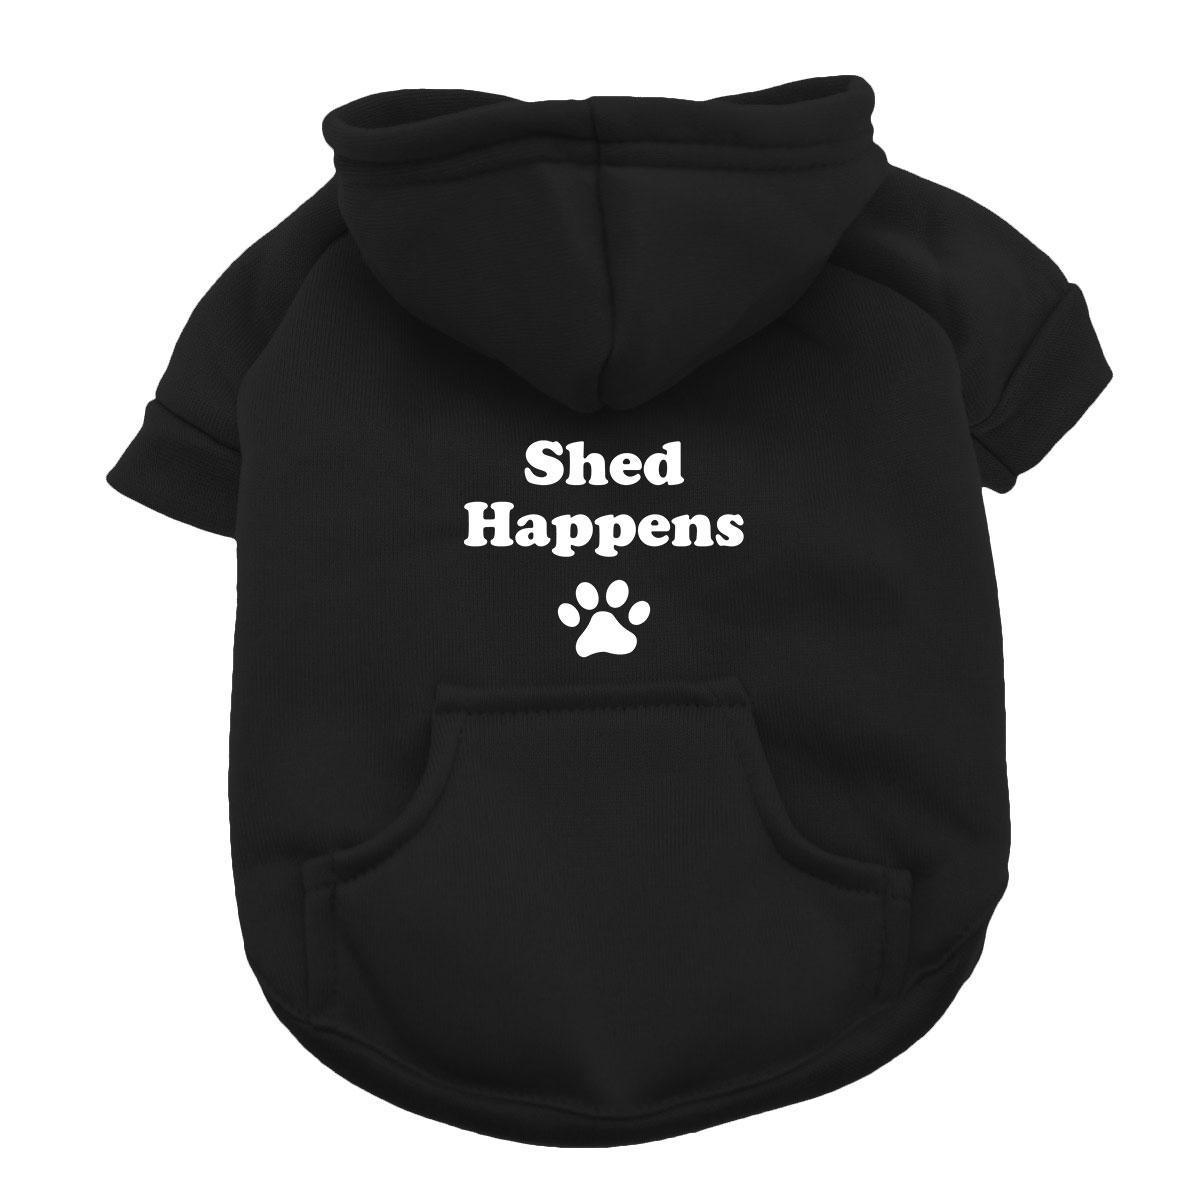 Shed Happens Dog Hoodie - Black